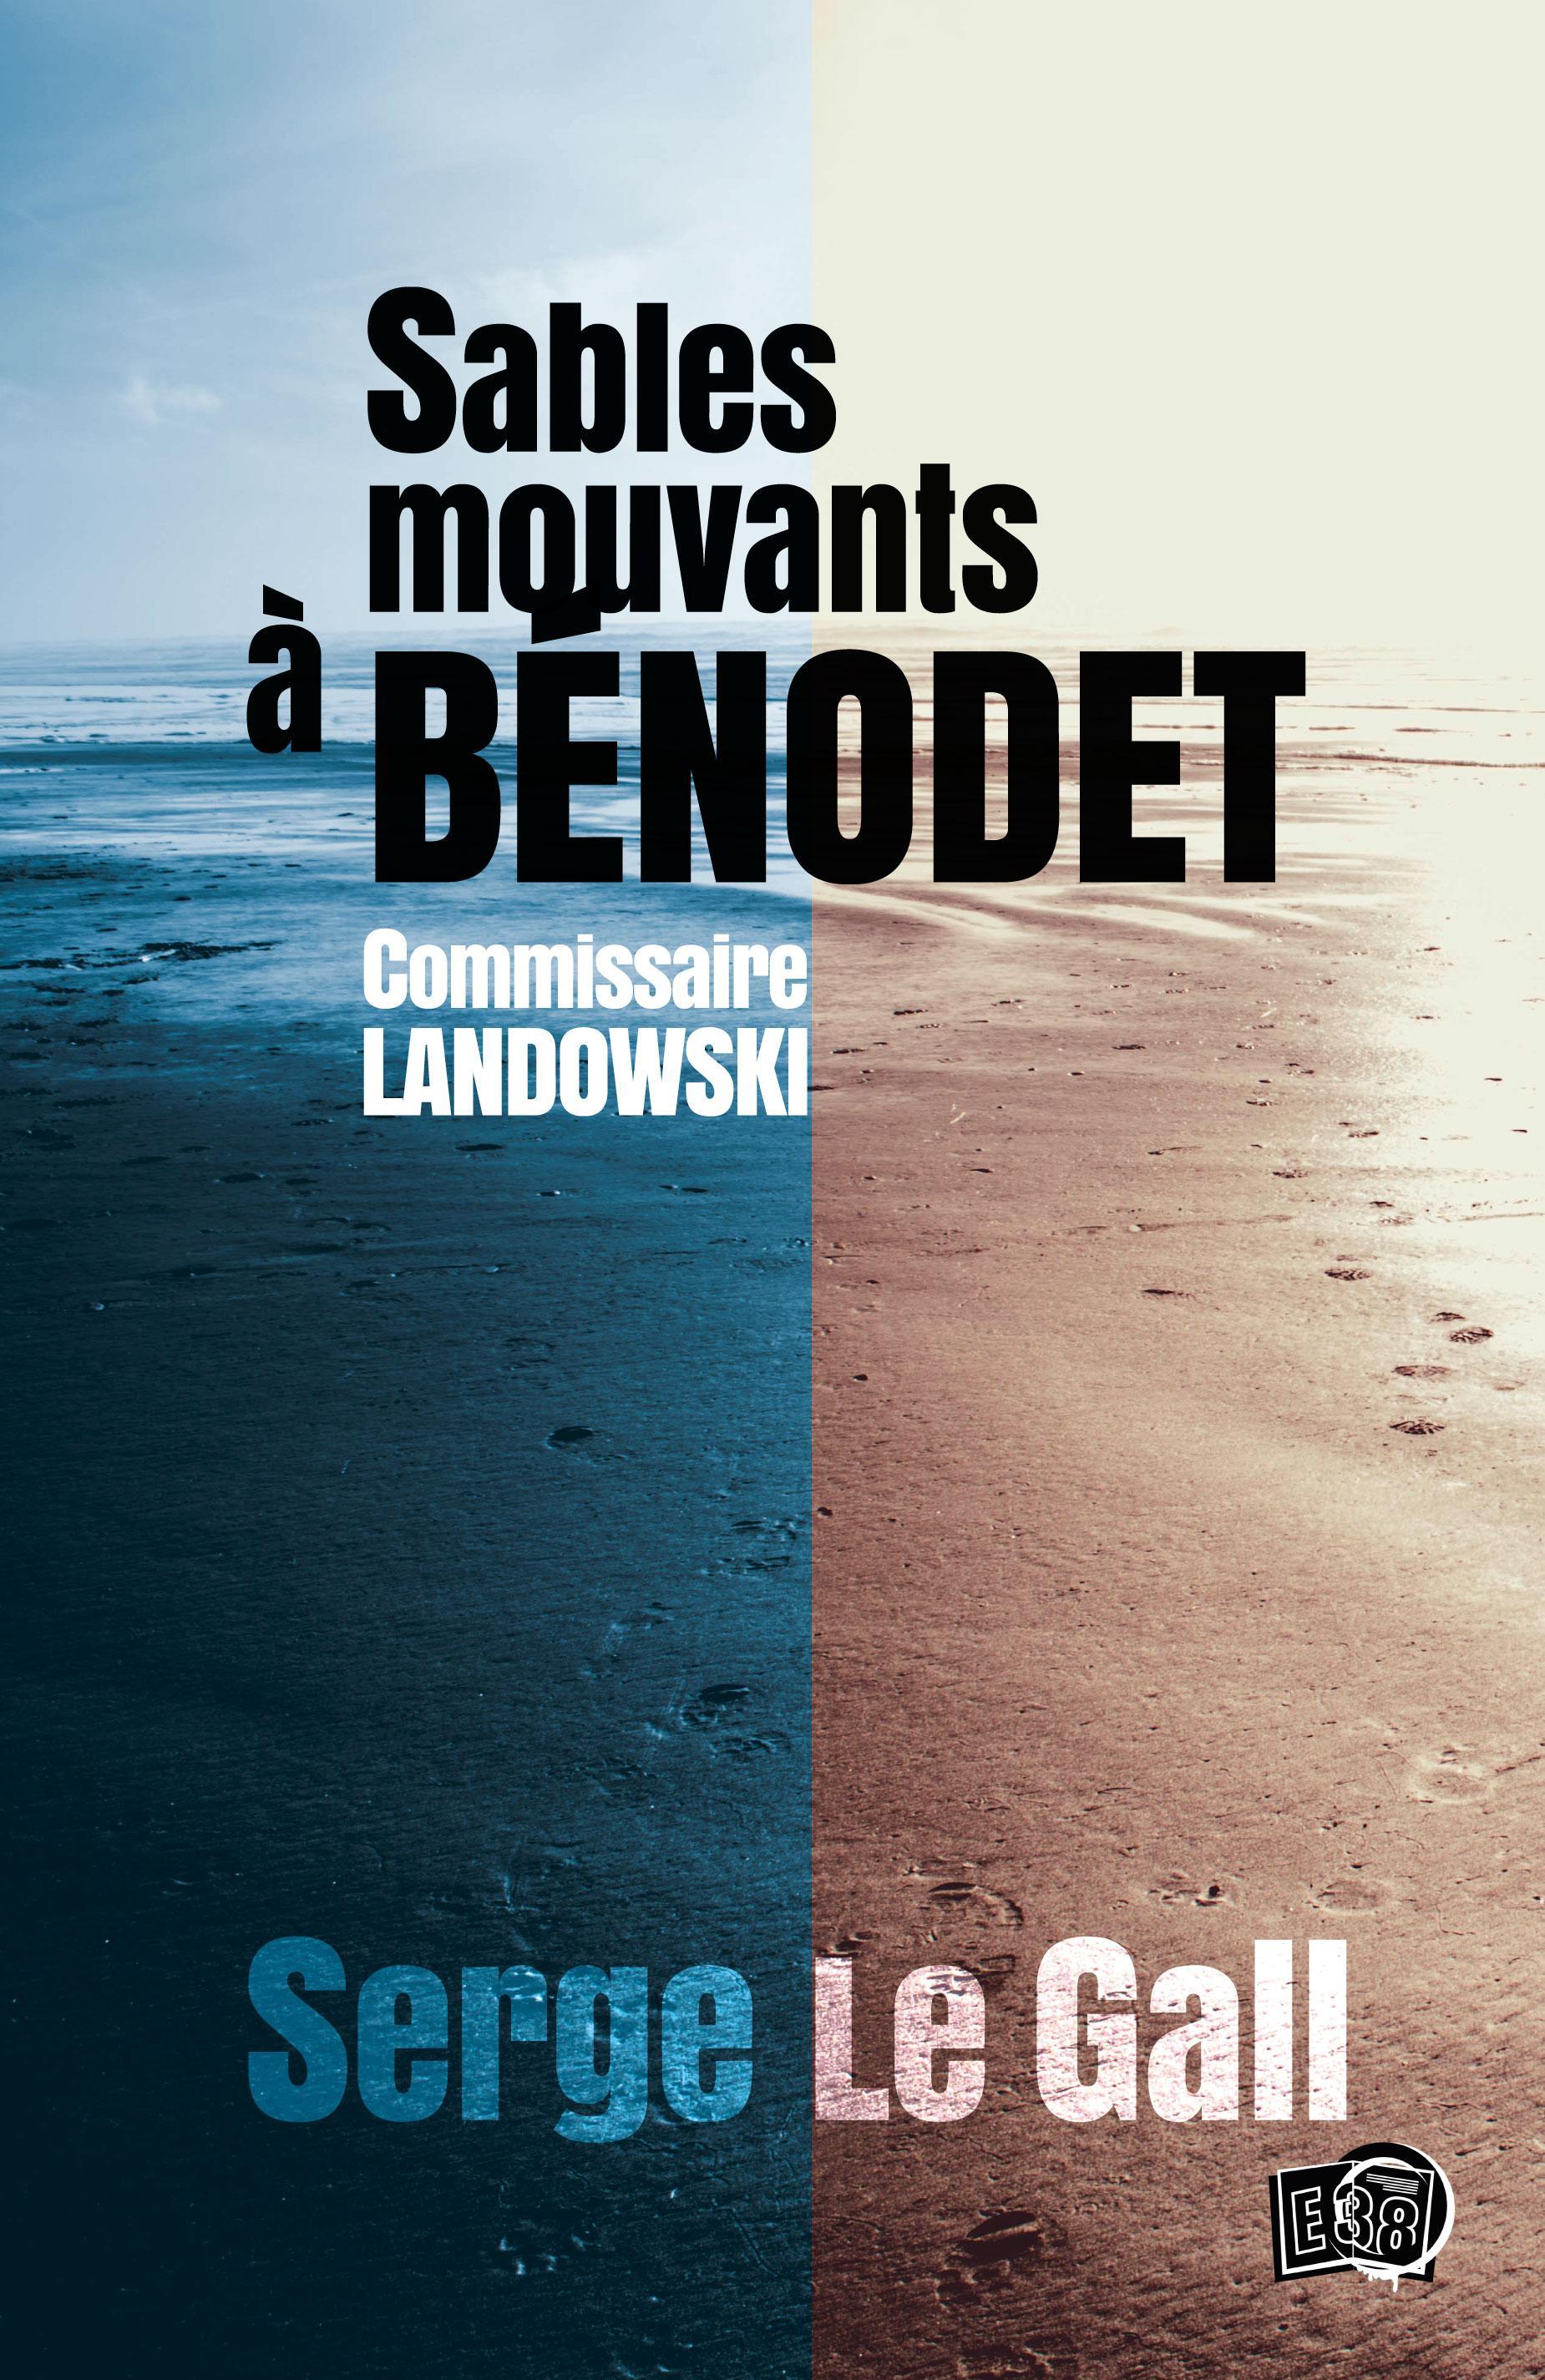 Sables mouvants à Bénodet, COMMISSAIRE LANDOWSKI